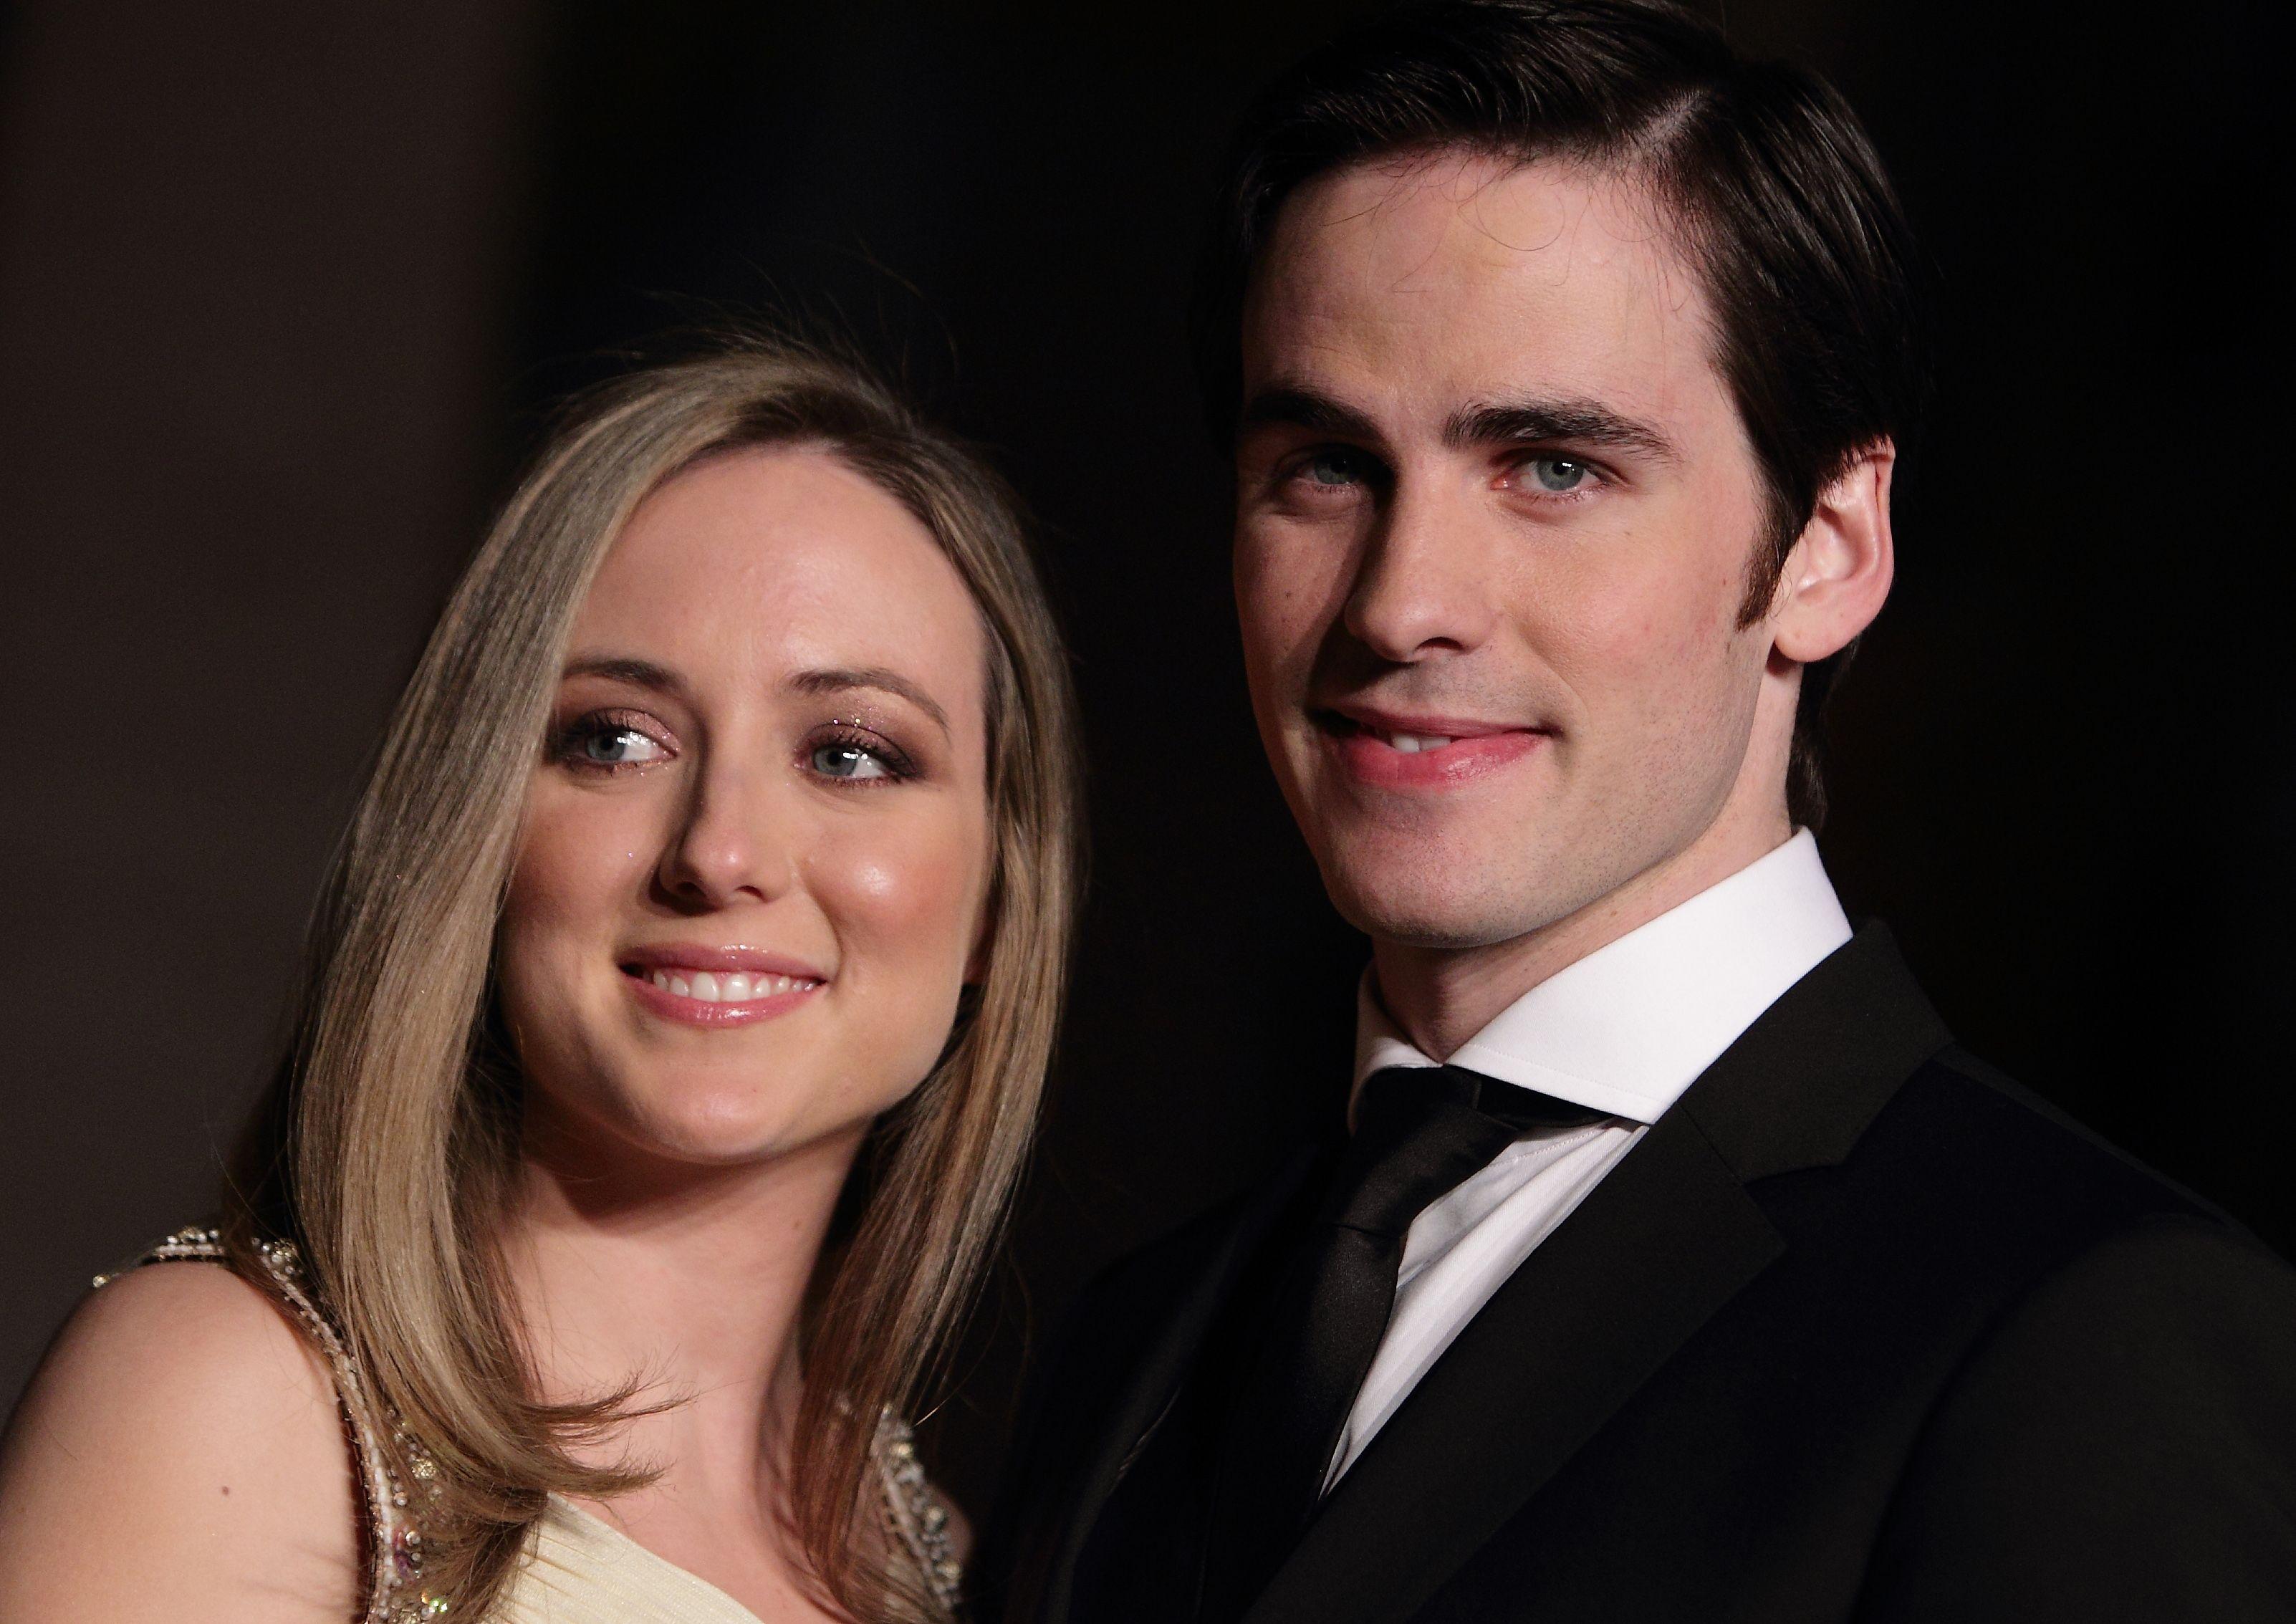 Colin O'Donoghue & Helen O'Donoghue. What a cute couple